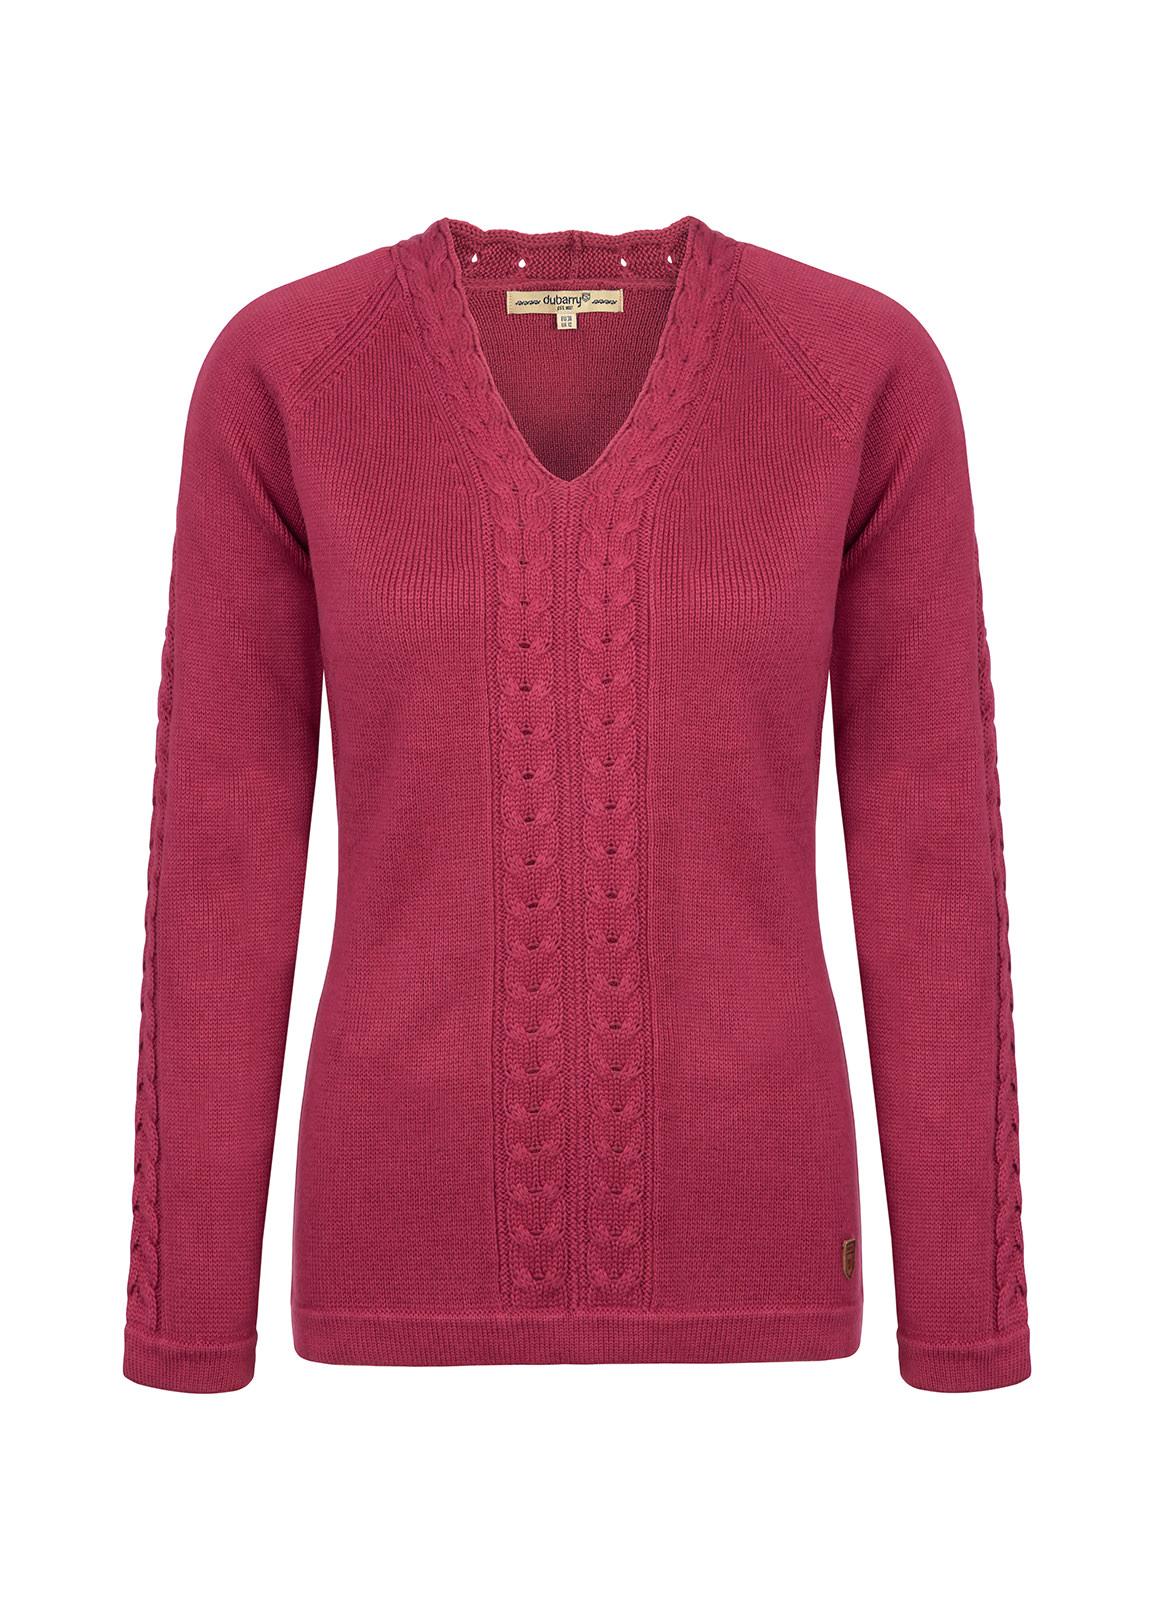 Dubarry_Carolan Women's V-neck Knitted Sweater - Merlot Multi_Image_2